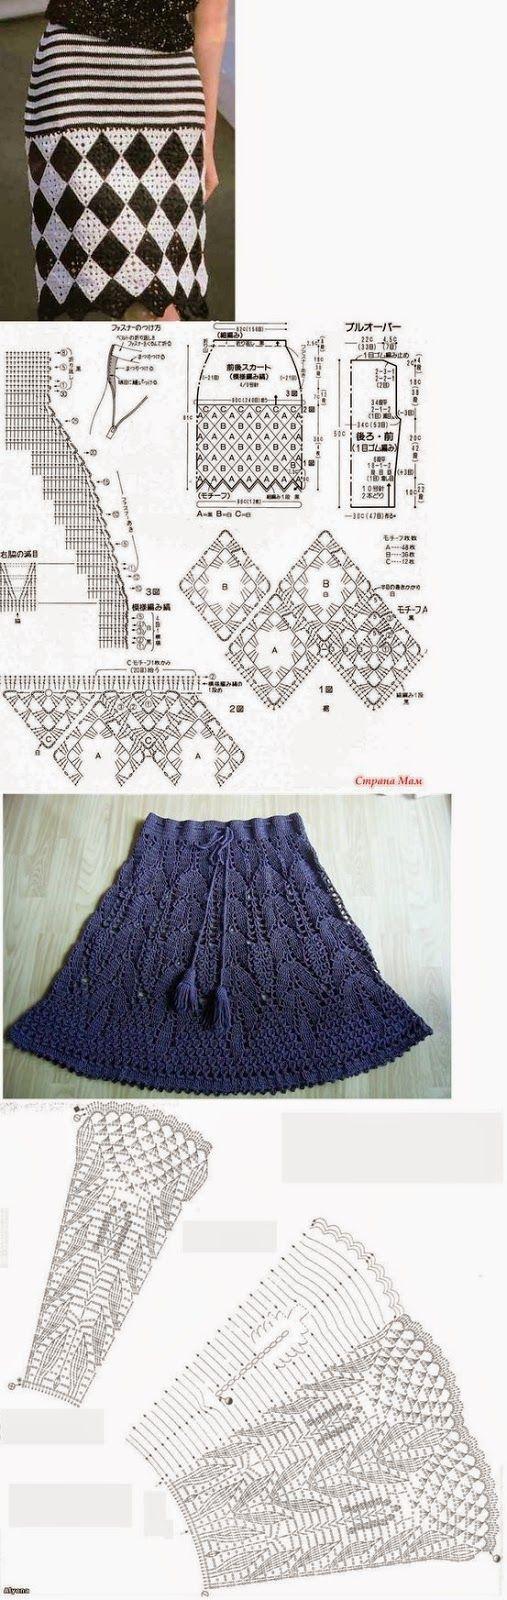 Mejores 148 imágenes de Faldas en Pinterest